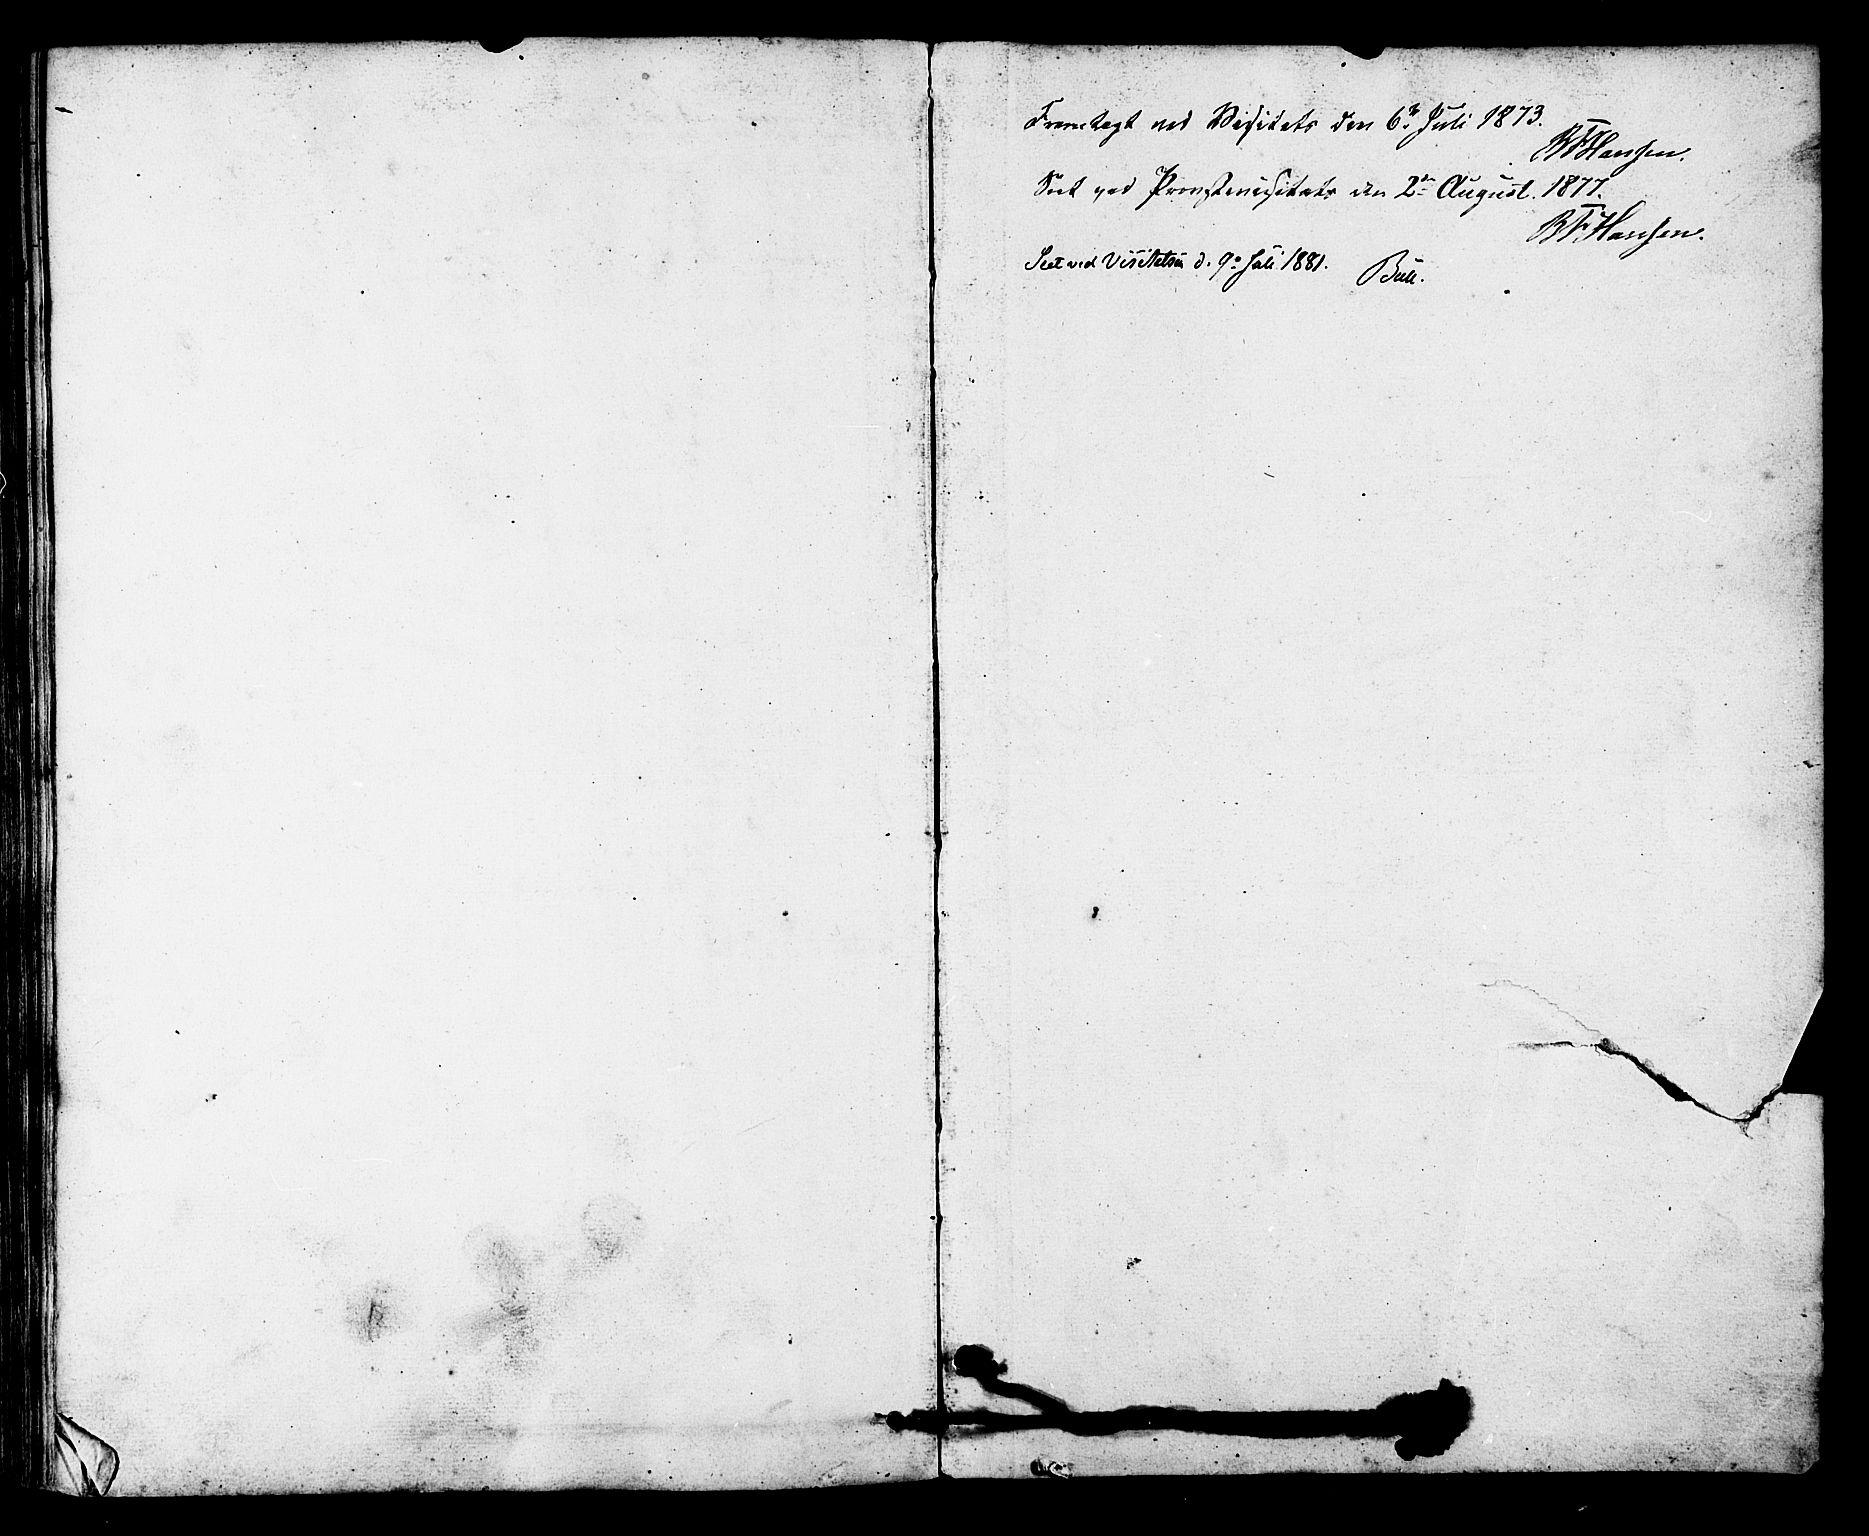 SAT, Ministerialprotokoller, klokkerbøker og fødselsregistre - Sør-Trøndelag, 634/L0532: Ministerialbok nr. 634A08, 1871-1881